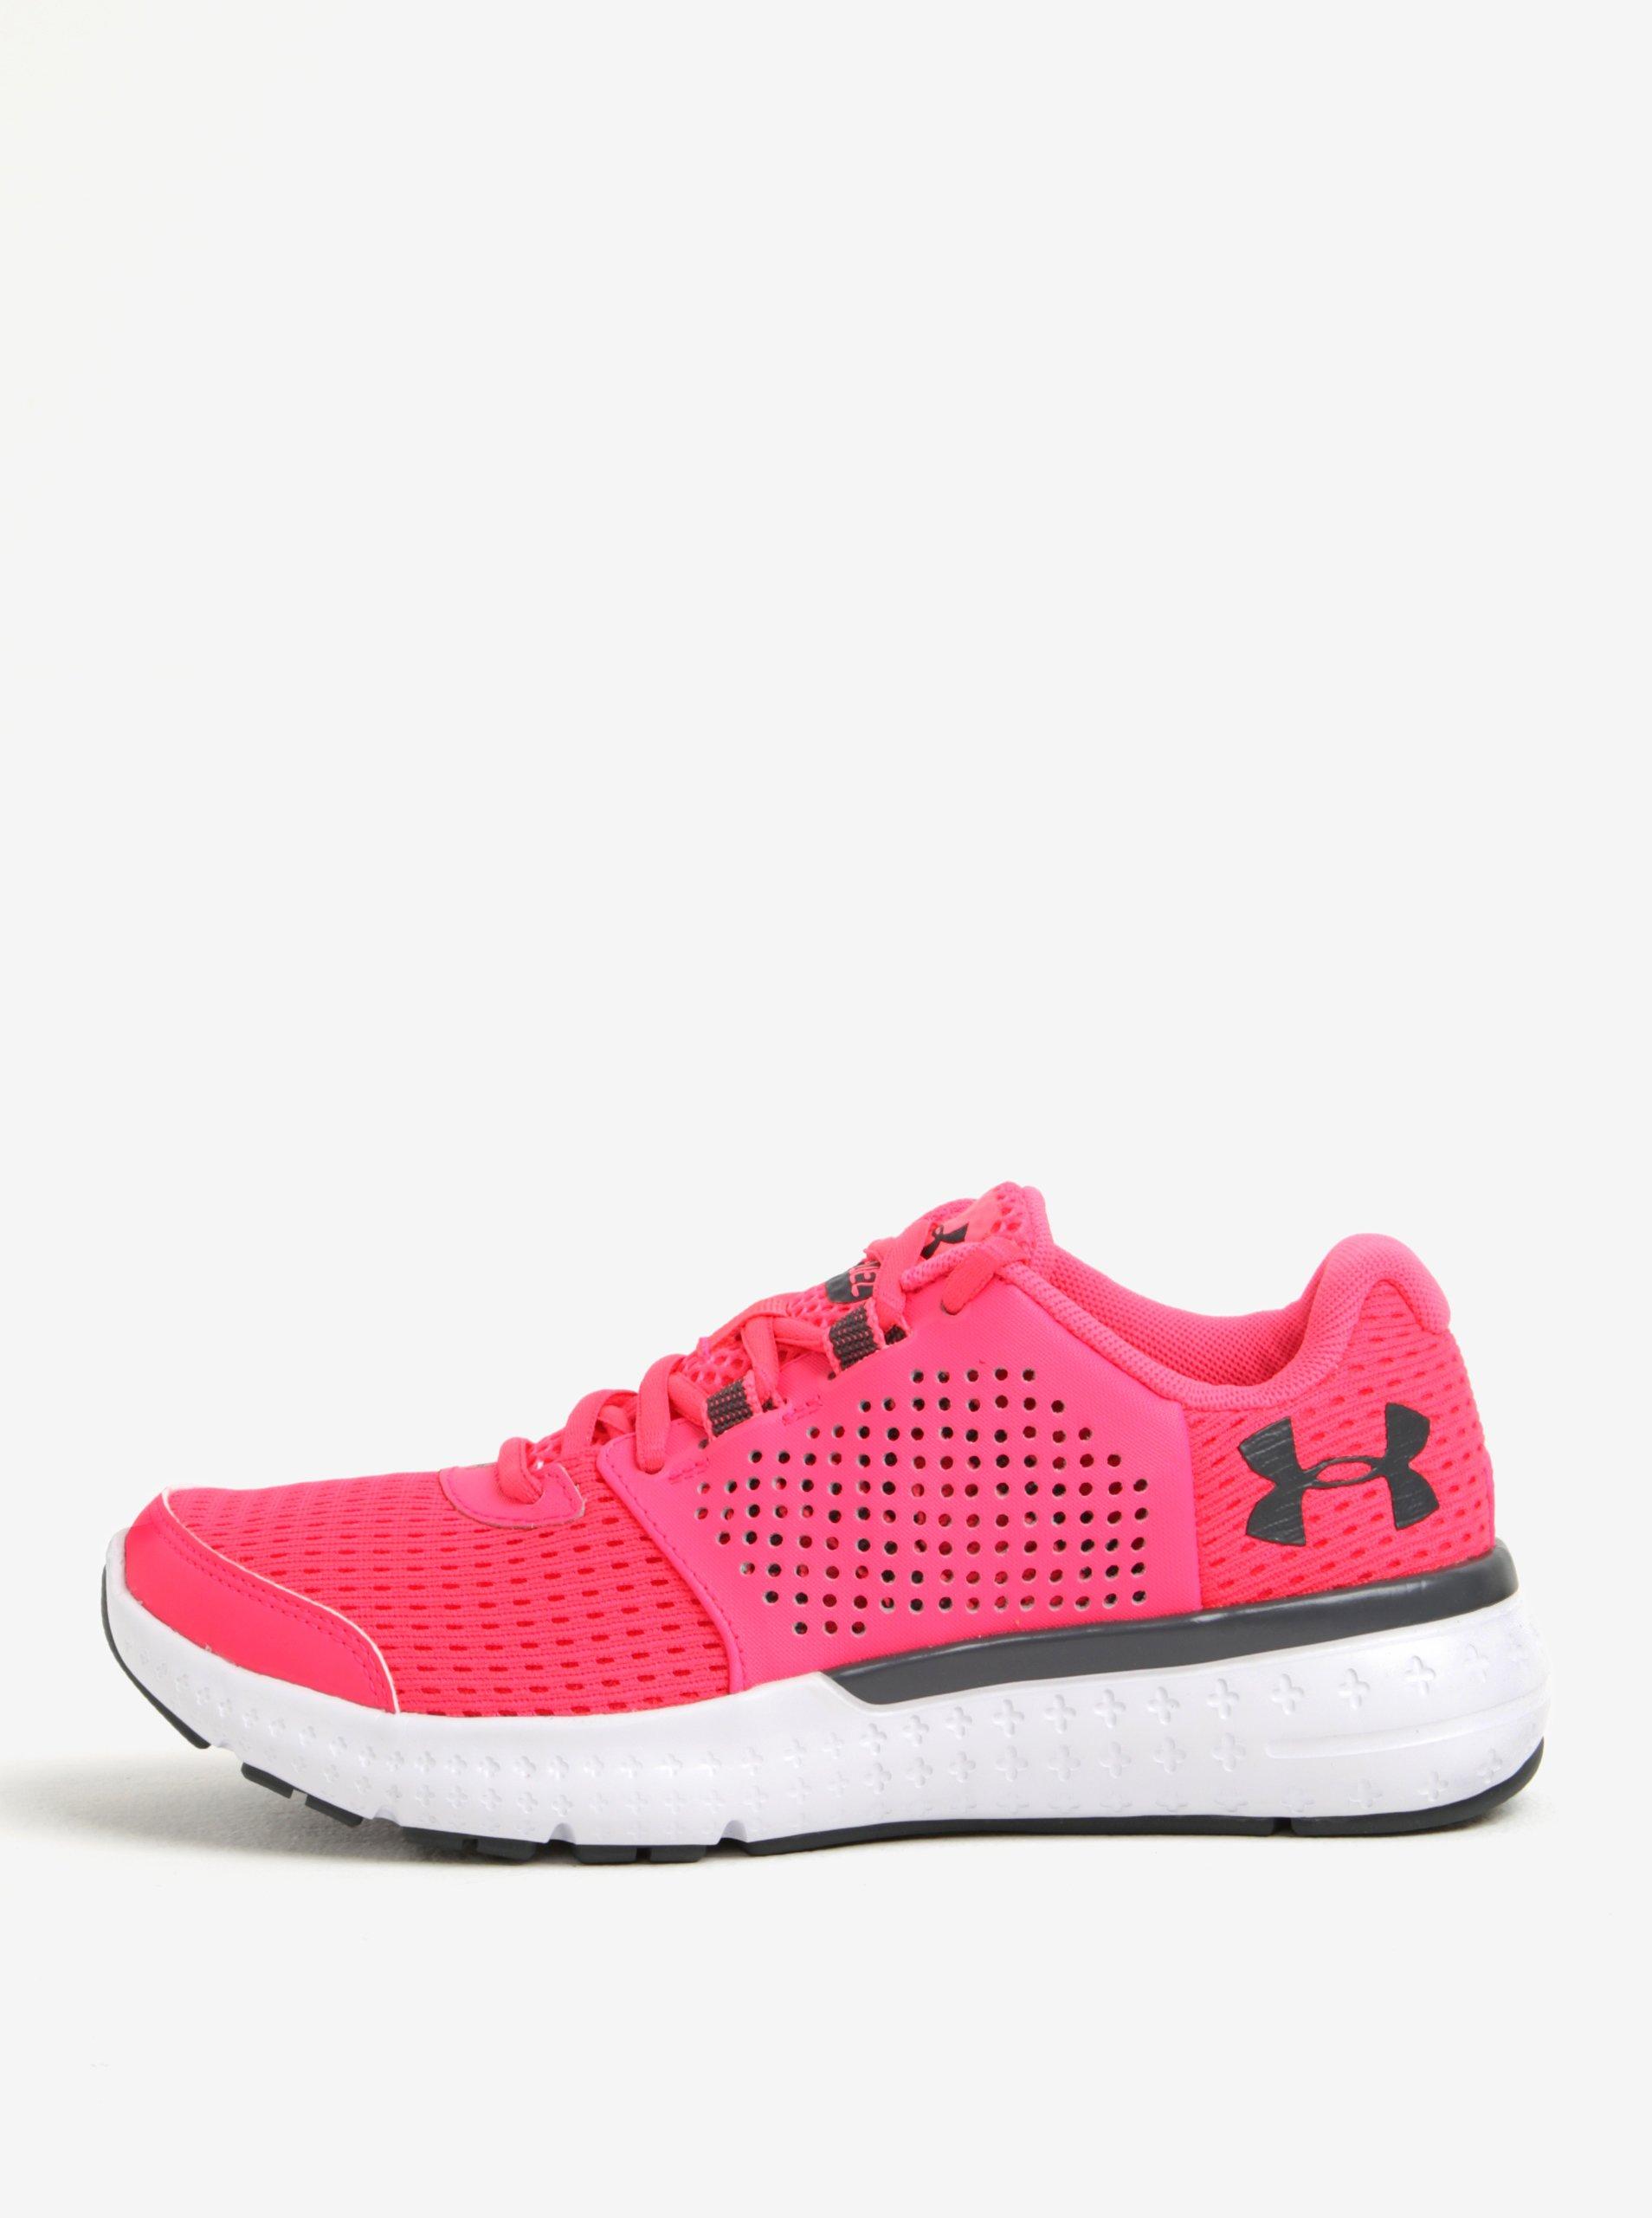 Růžové dámské tenisky s koženými detaily Under Armour Fuel